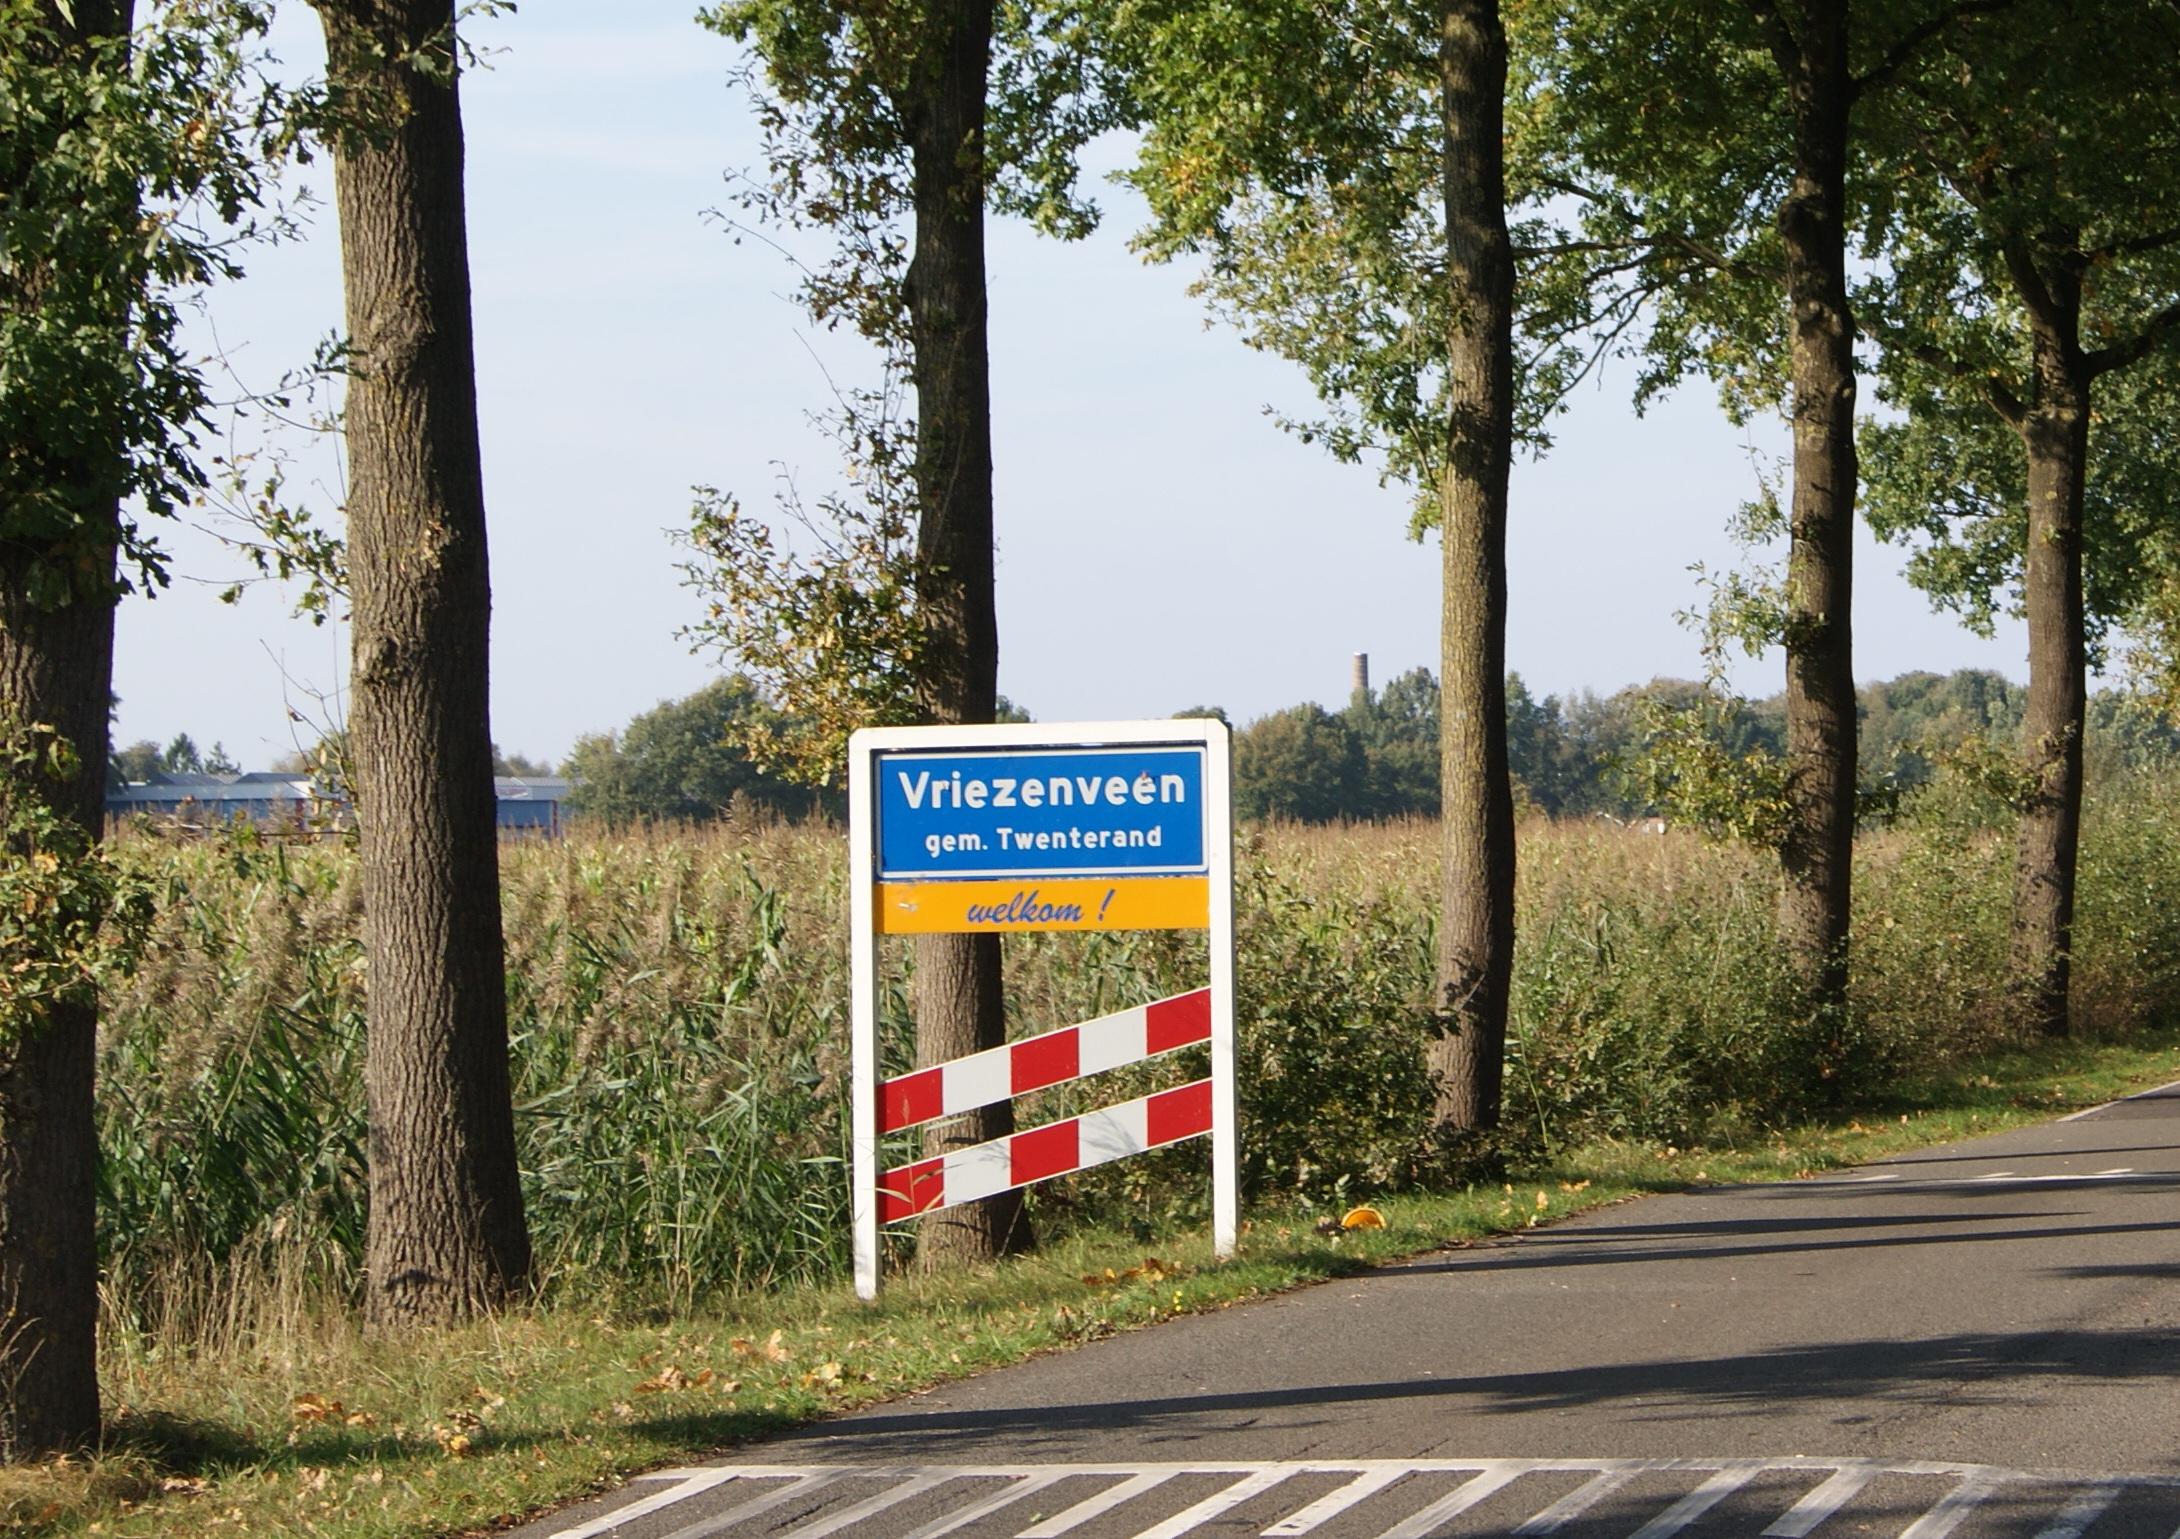 Twenterand